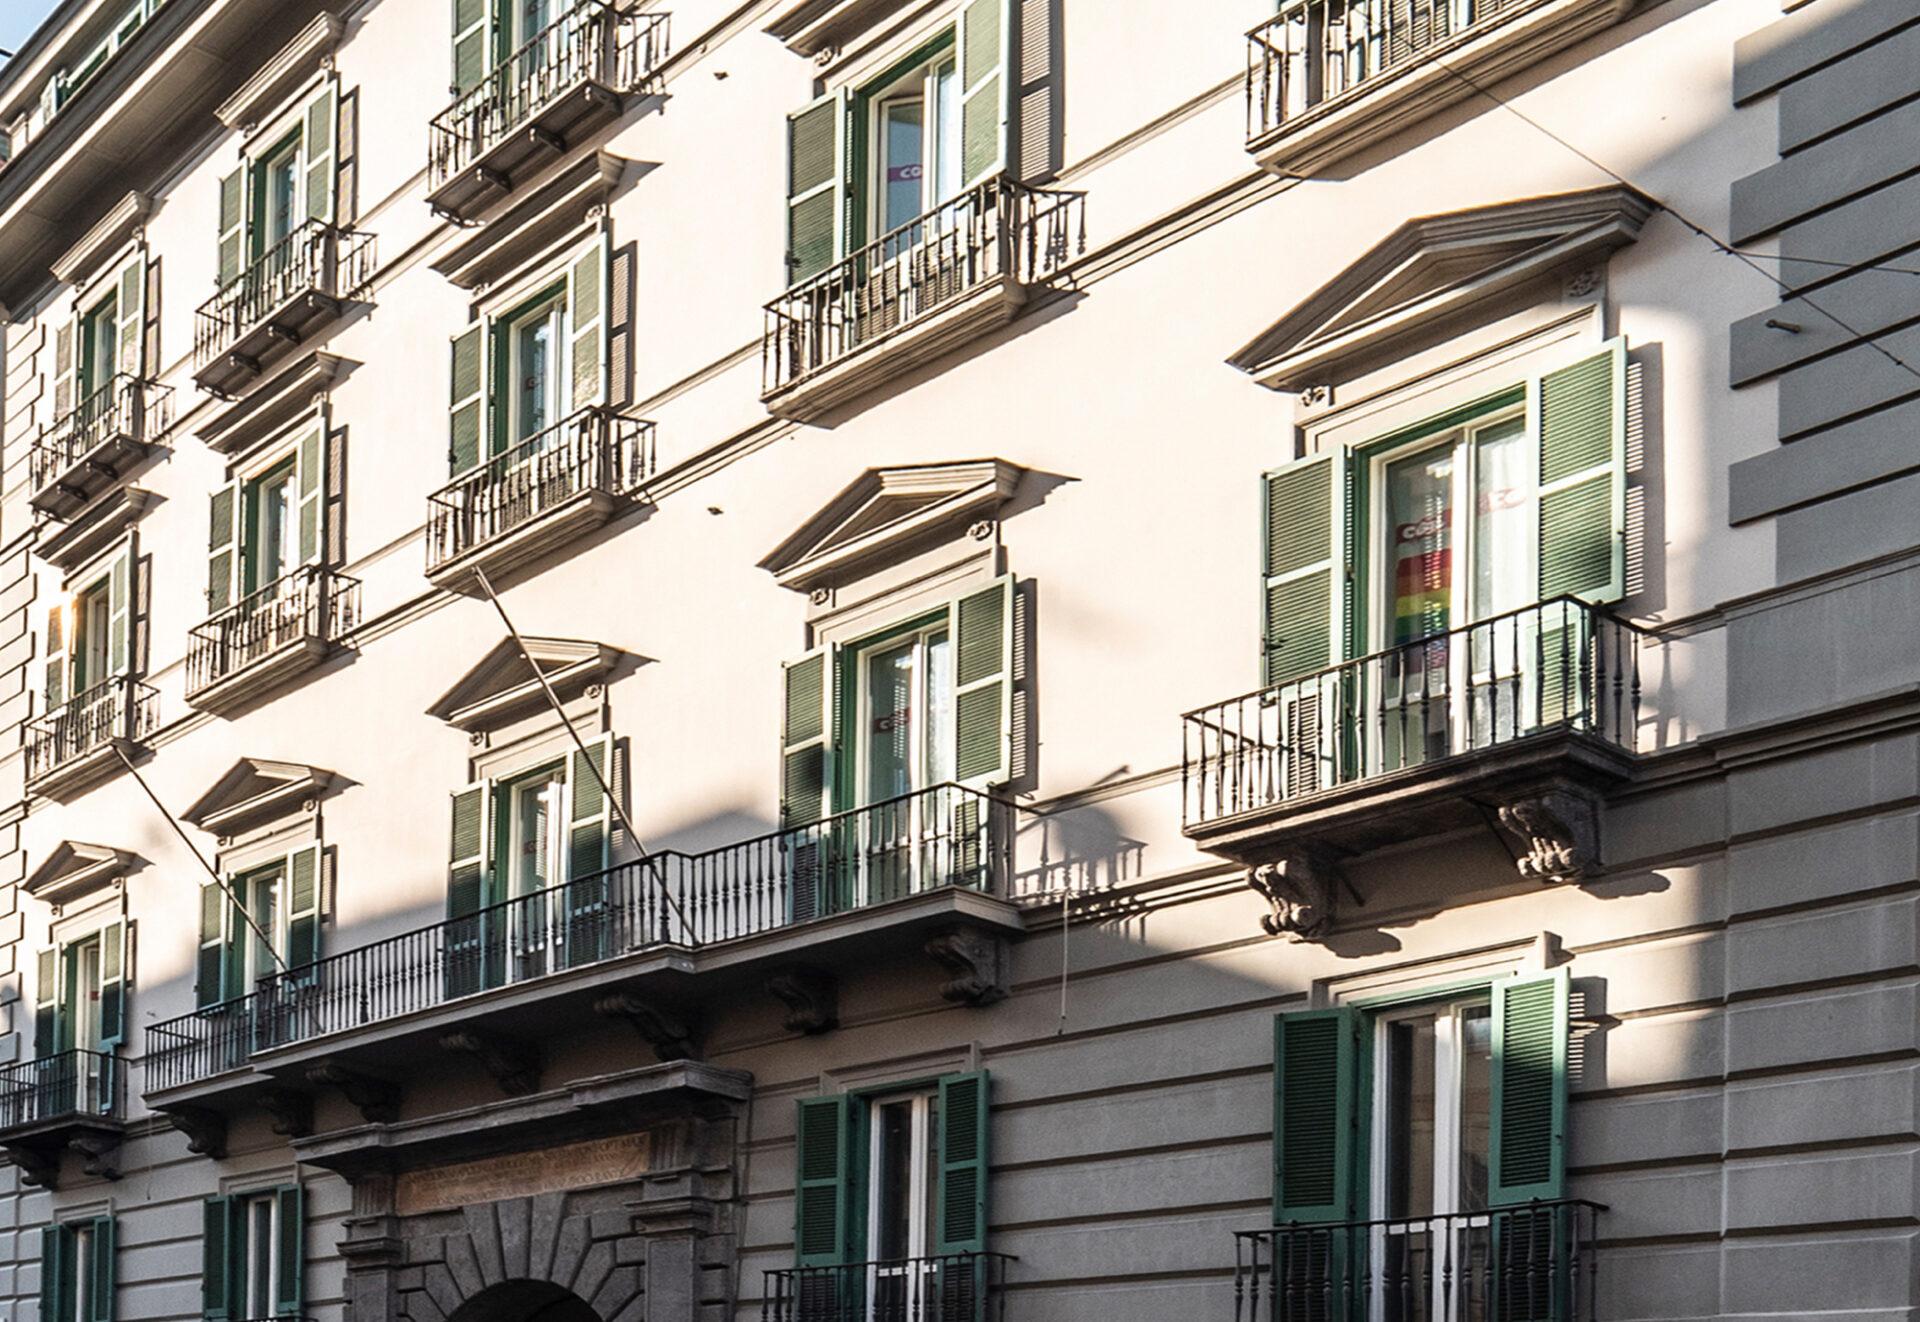 Toledo Napoli - Facciata palazzo - Immobili Cittamoderna